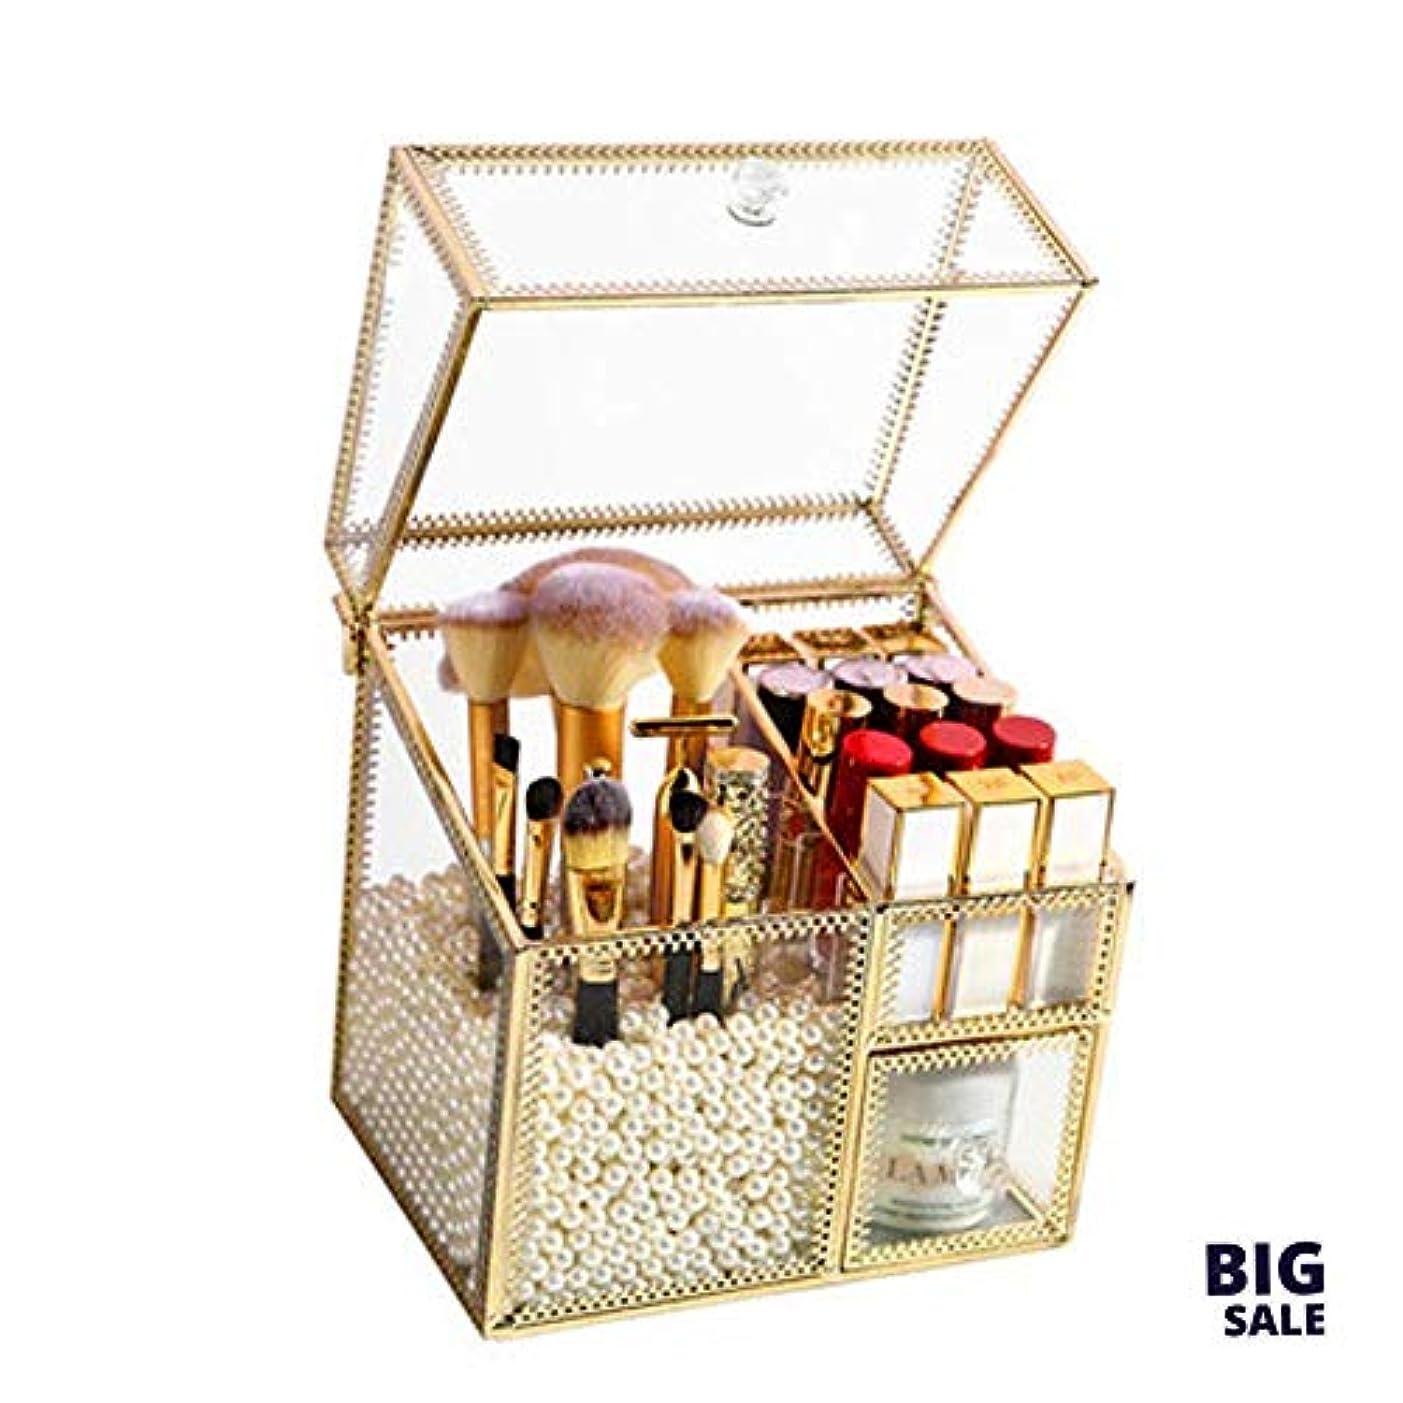 横向きフラグラントおもてなしNICEEガラス化粧ブラシバケットドレッシングテーブル、リップグレーズスキンケアアイブロウペンシルホルダー、ホームブラシカートリッジ収納ボックスNICEY